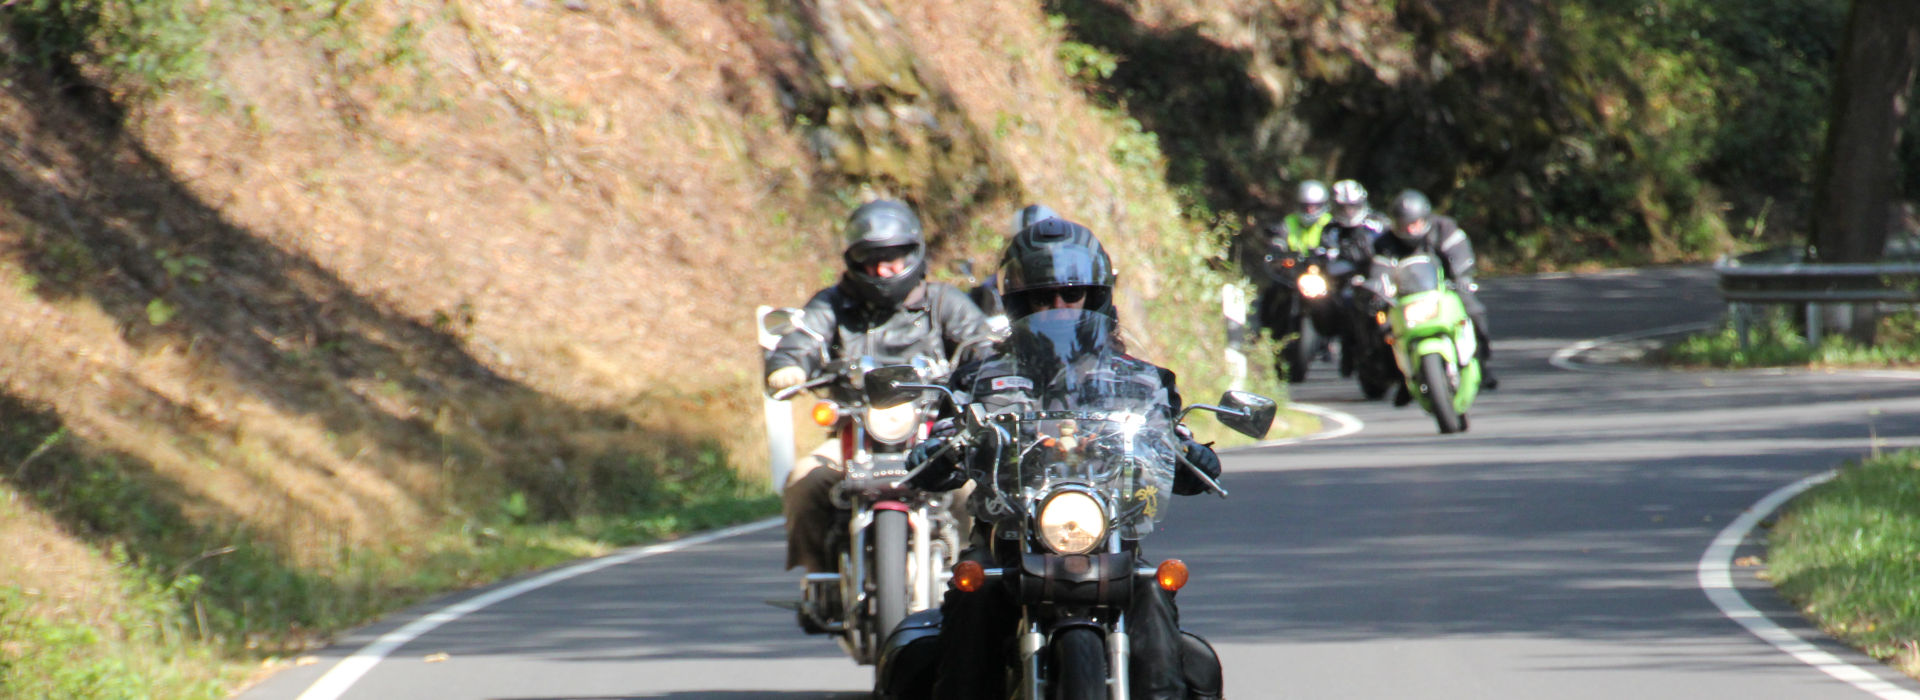 Motorrijbewijspoint Veghel spoed motorrijbewijs